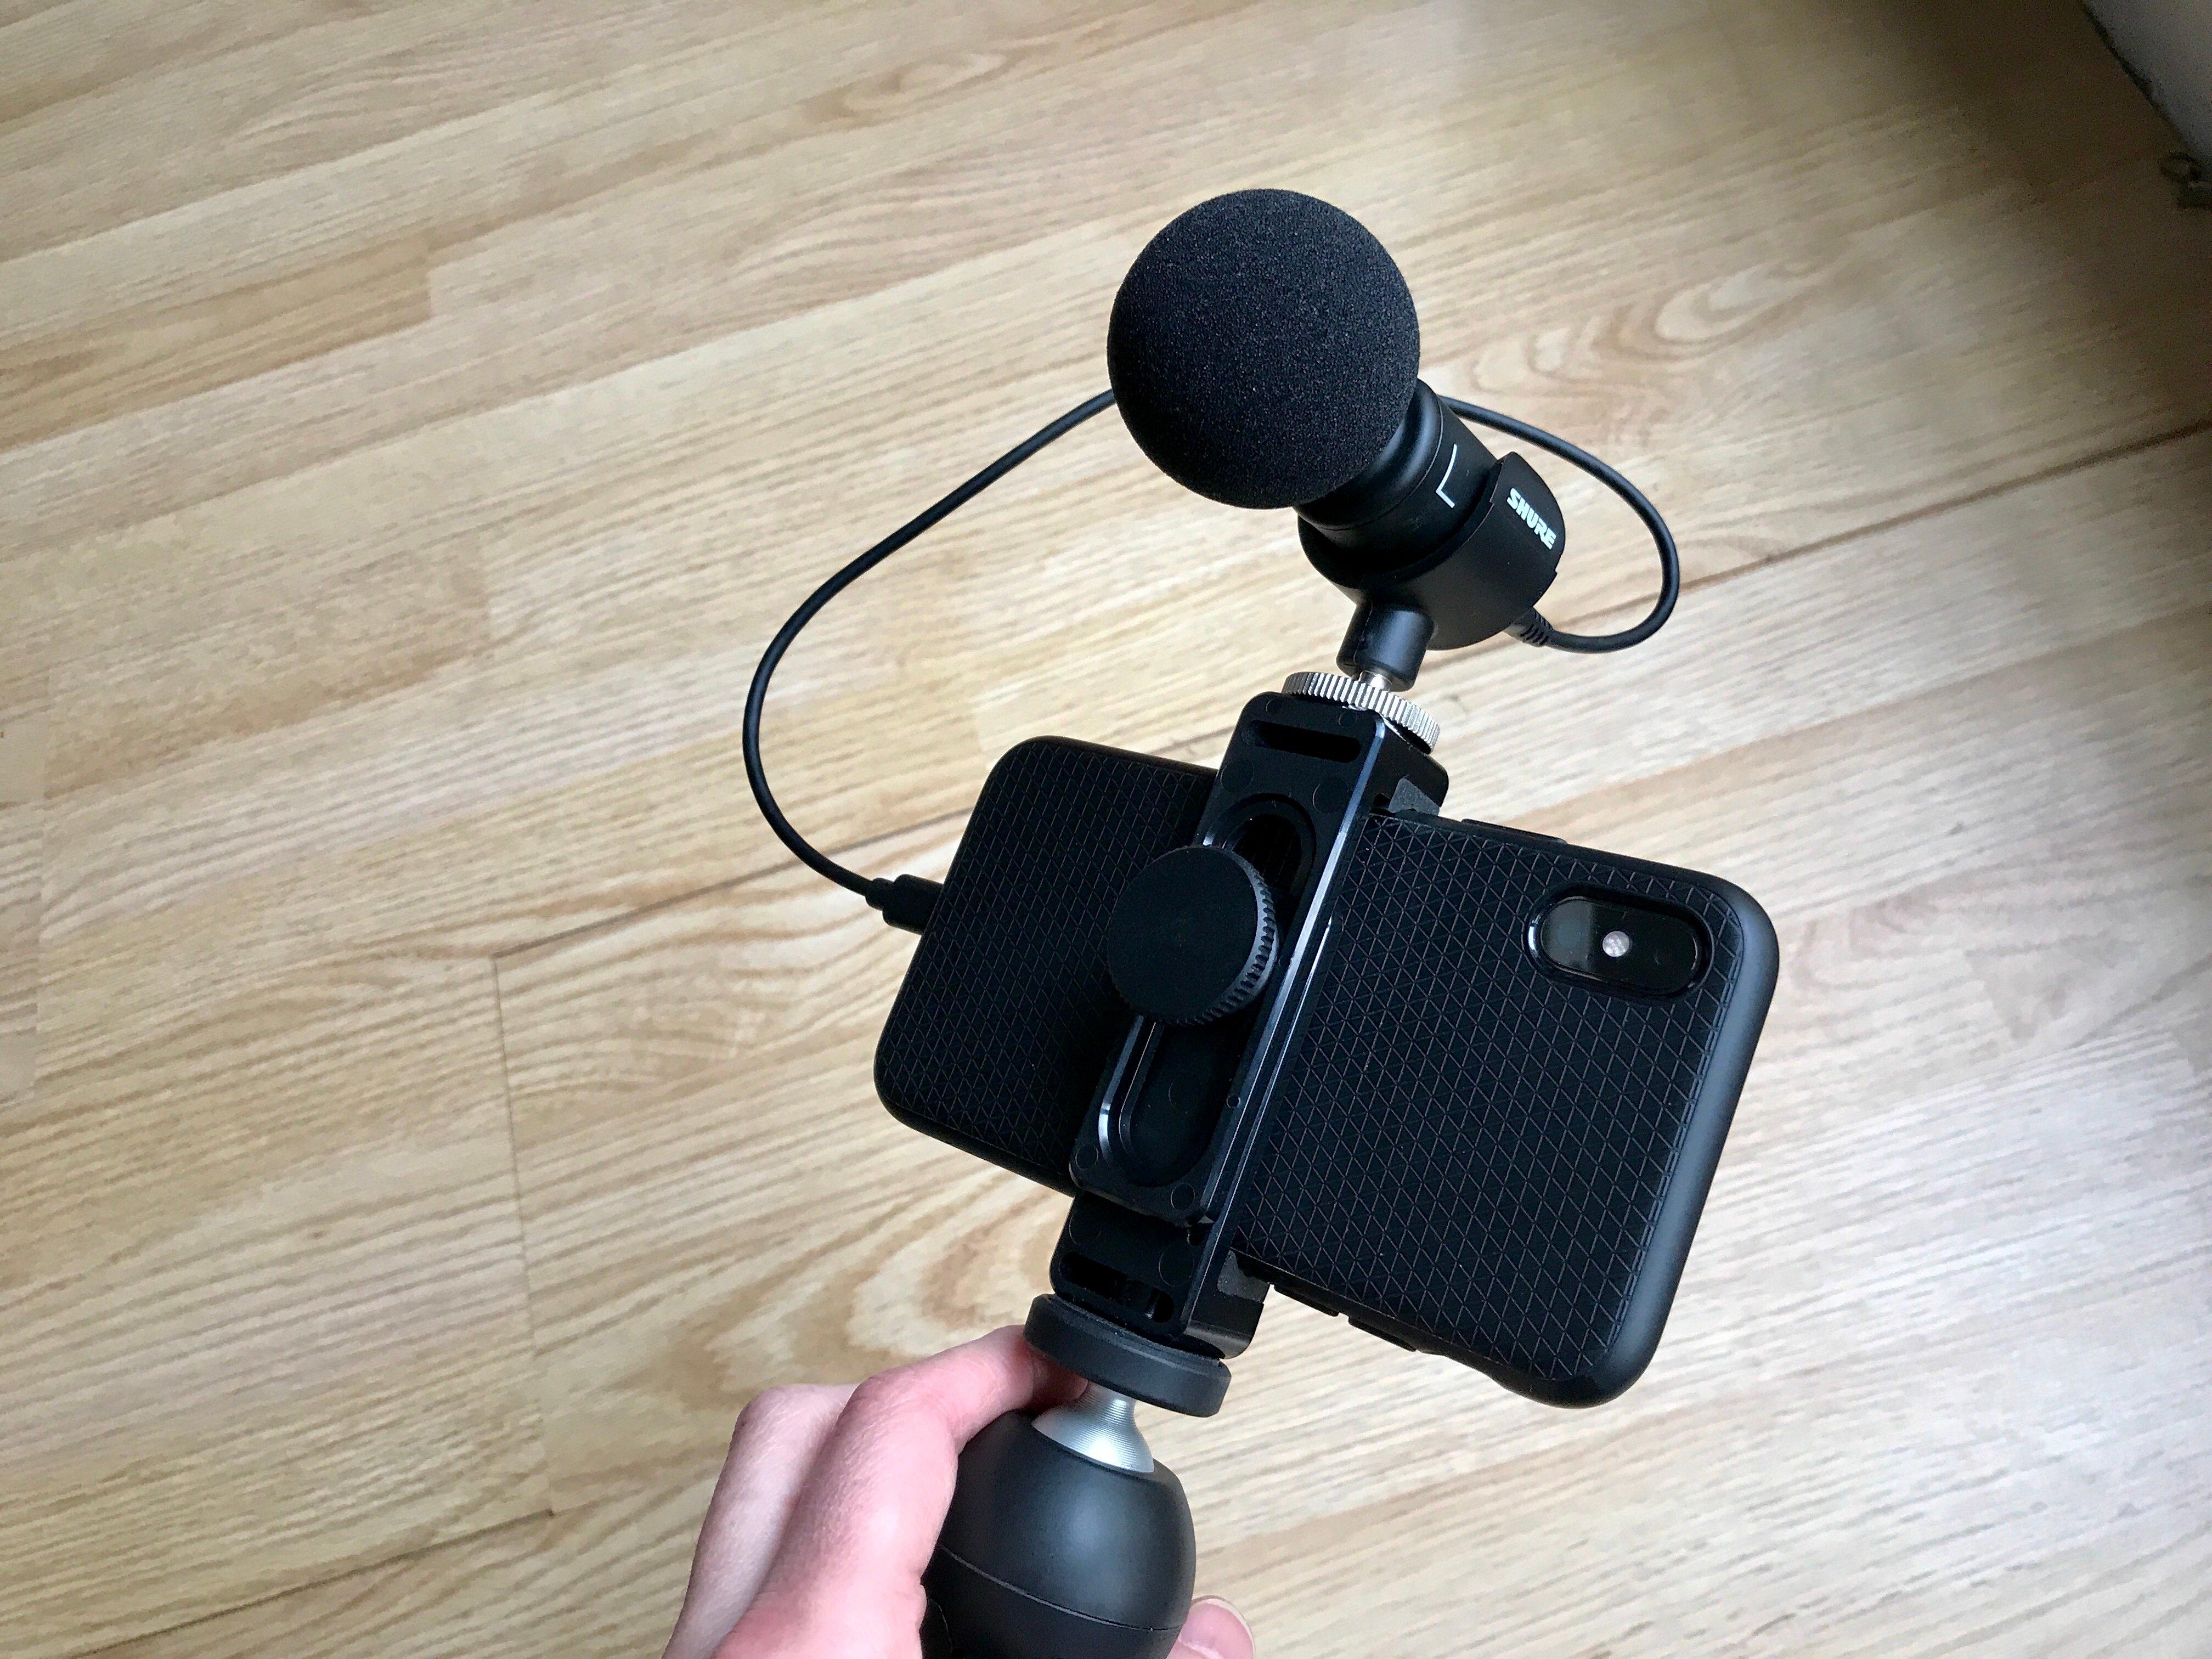 Test du micro Shure MV88+ : un son de qualité avec retour audio via la prise Lightning ou USB-C 1